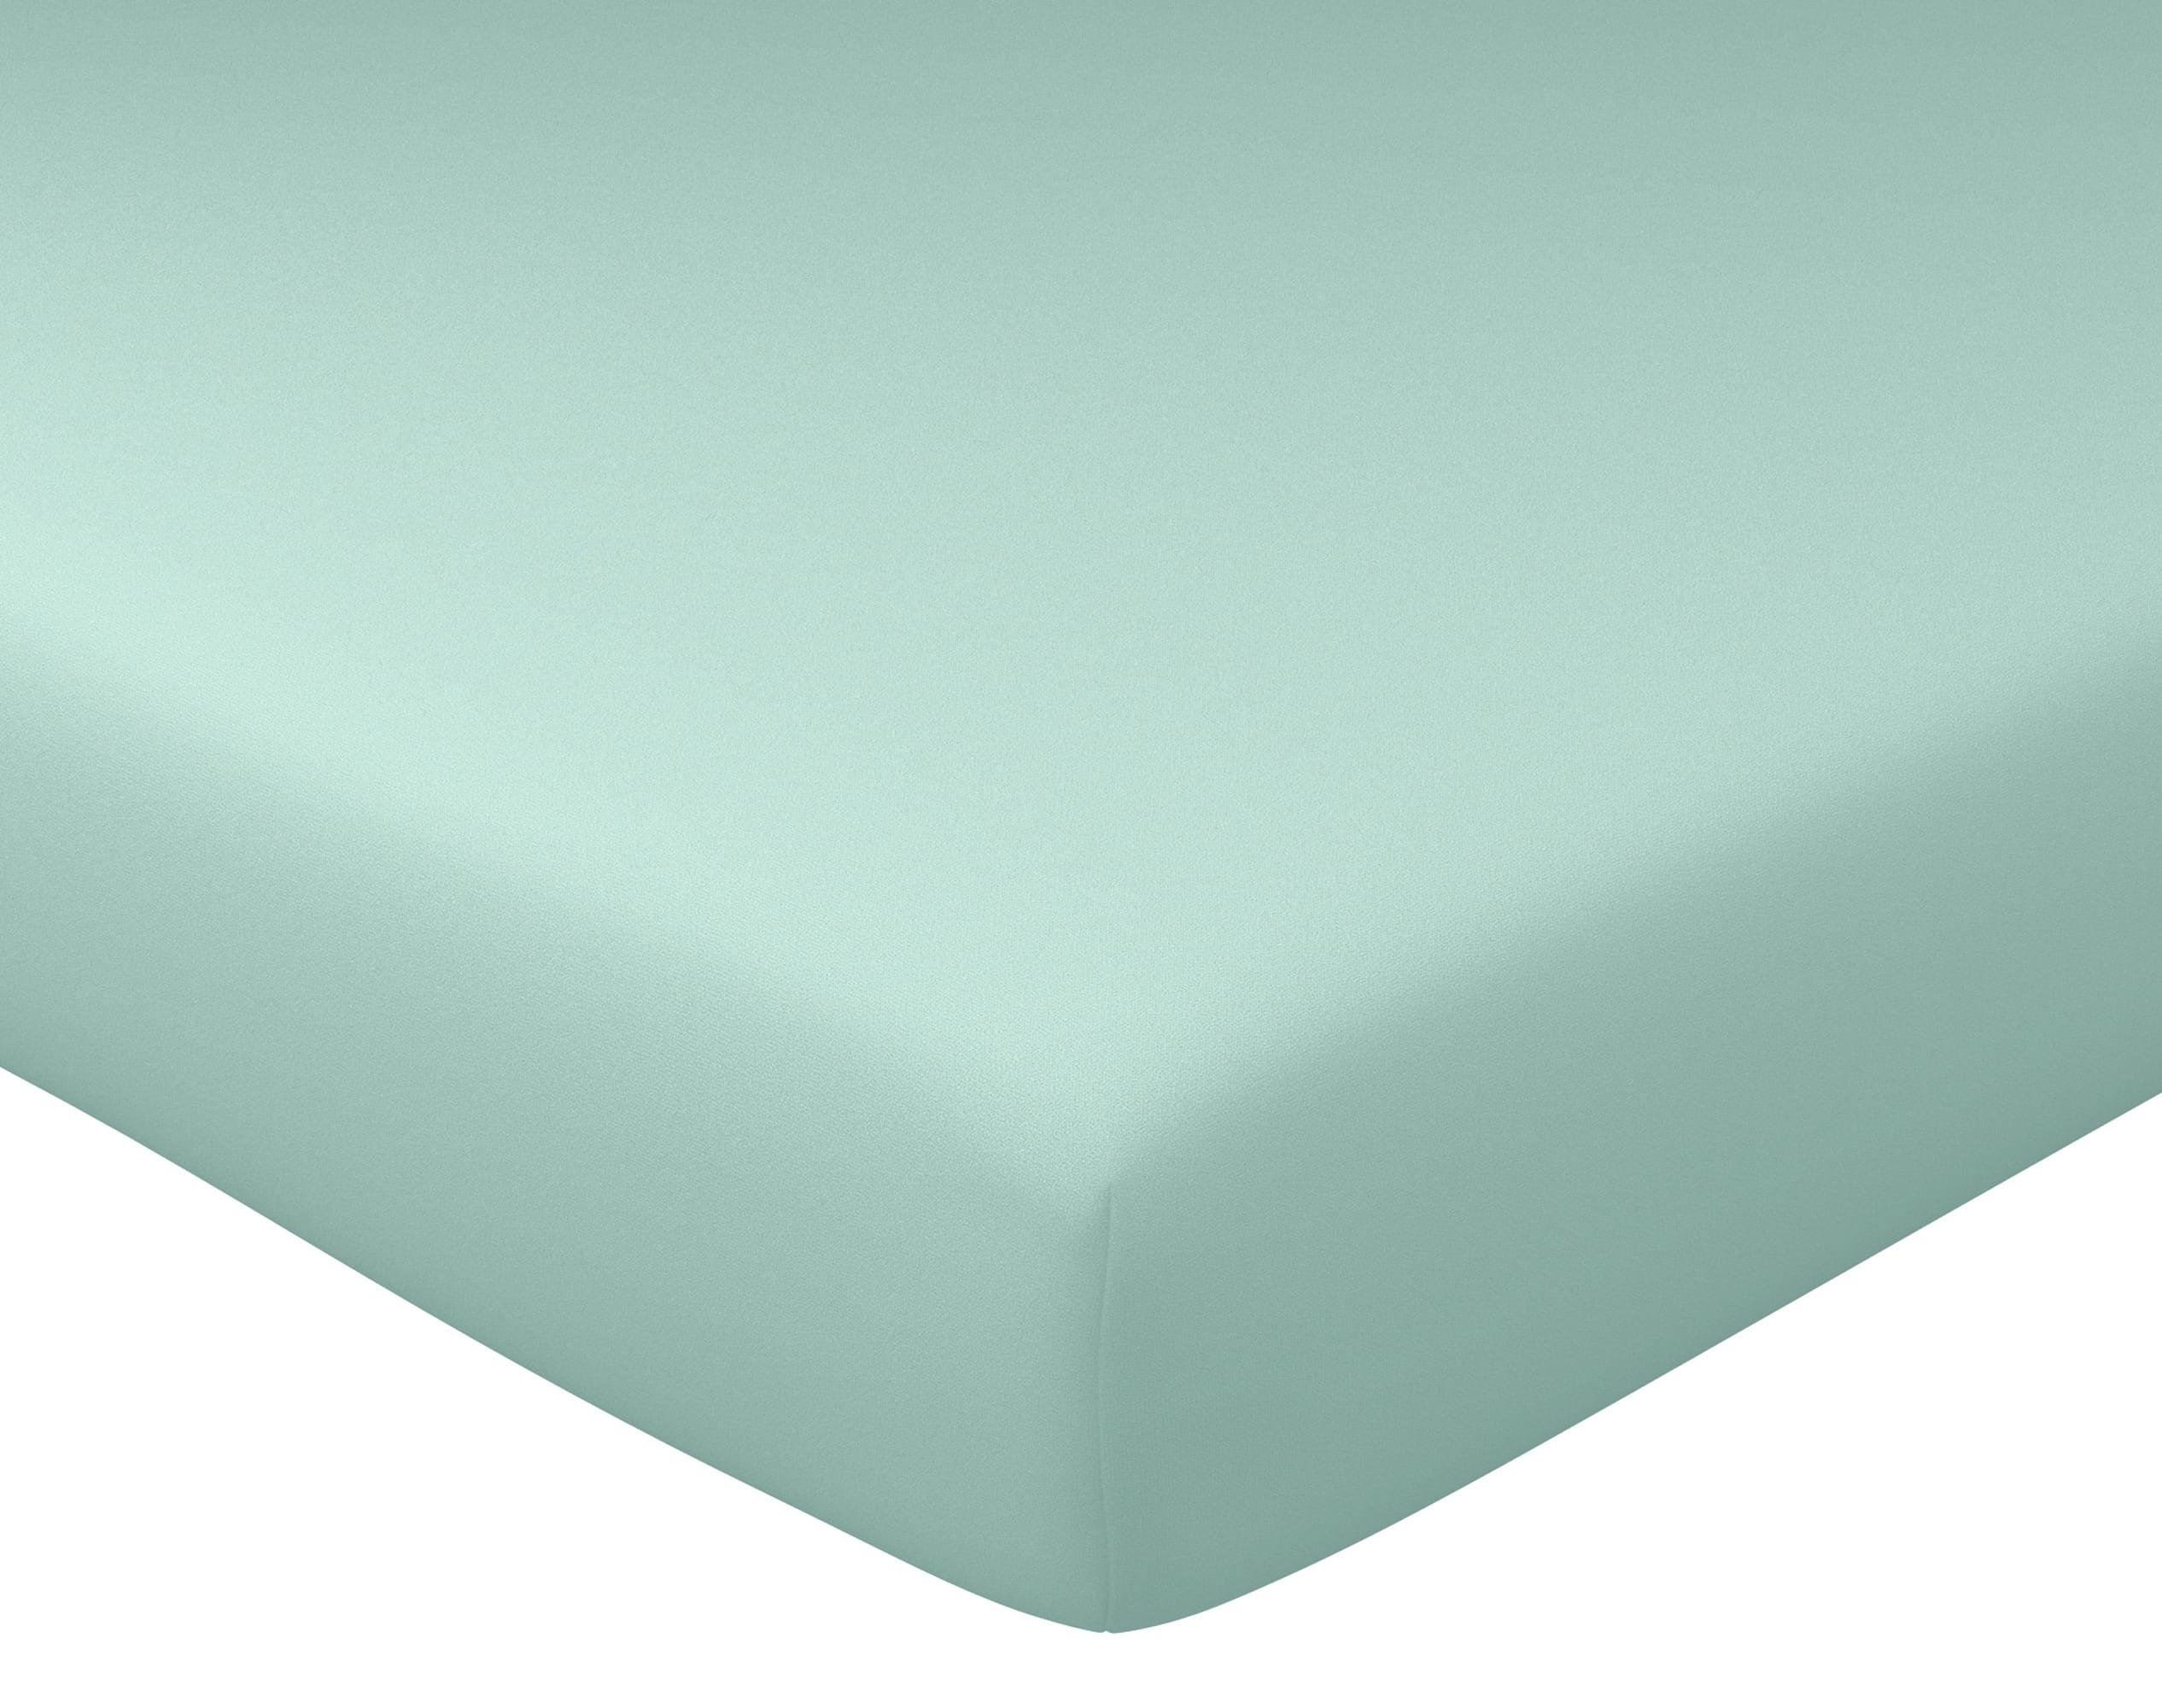 Drap-housse 160x200 en percale de coton  vert céladon